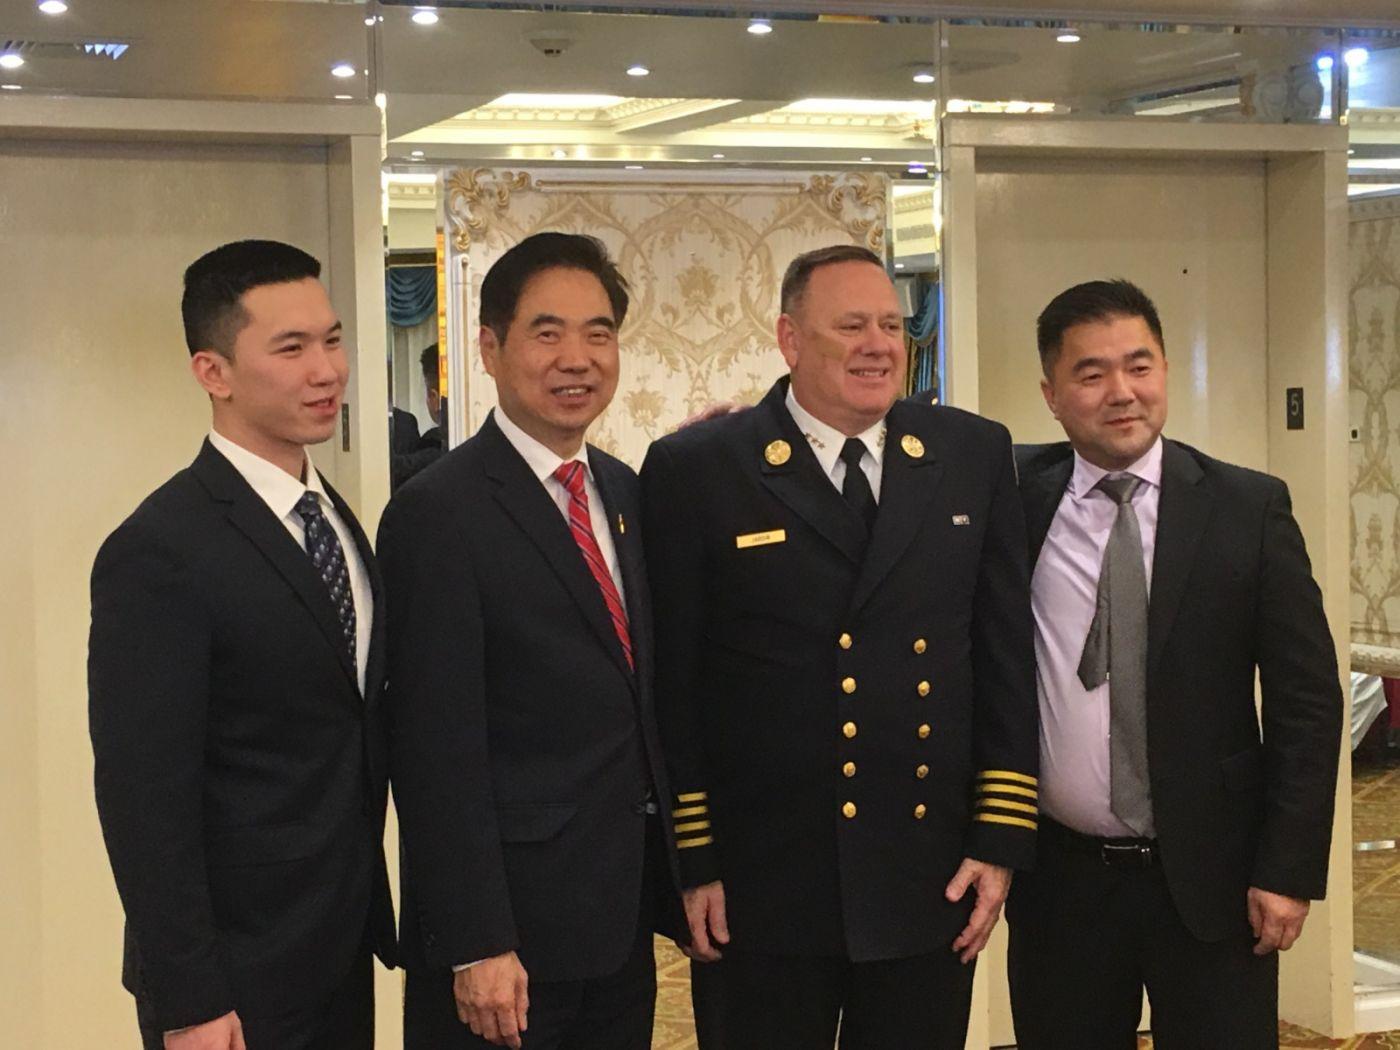 纽约亚美协会与纽约消防局共同主办庆功晚会_图1-30